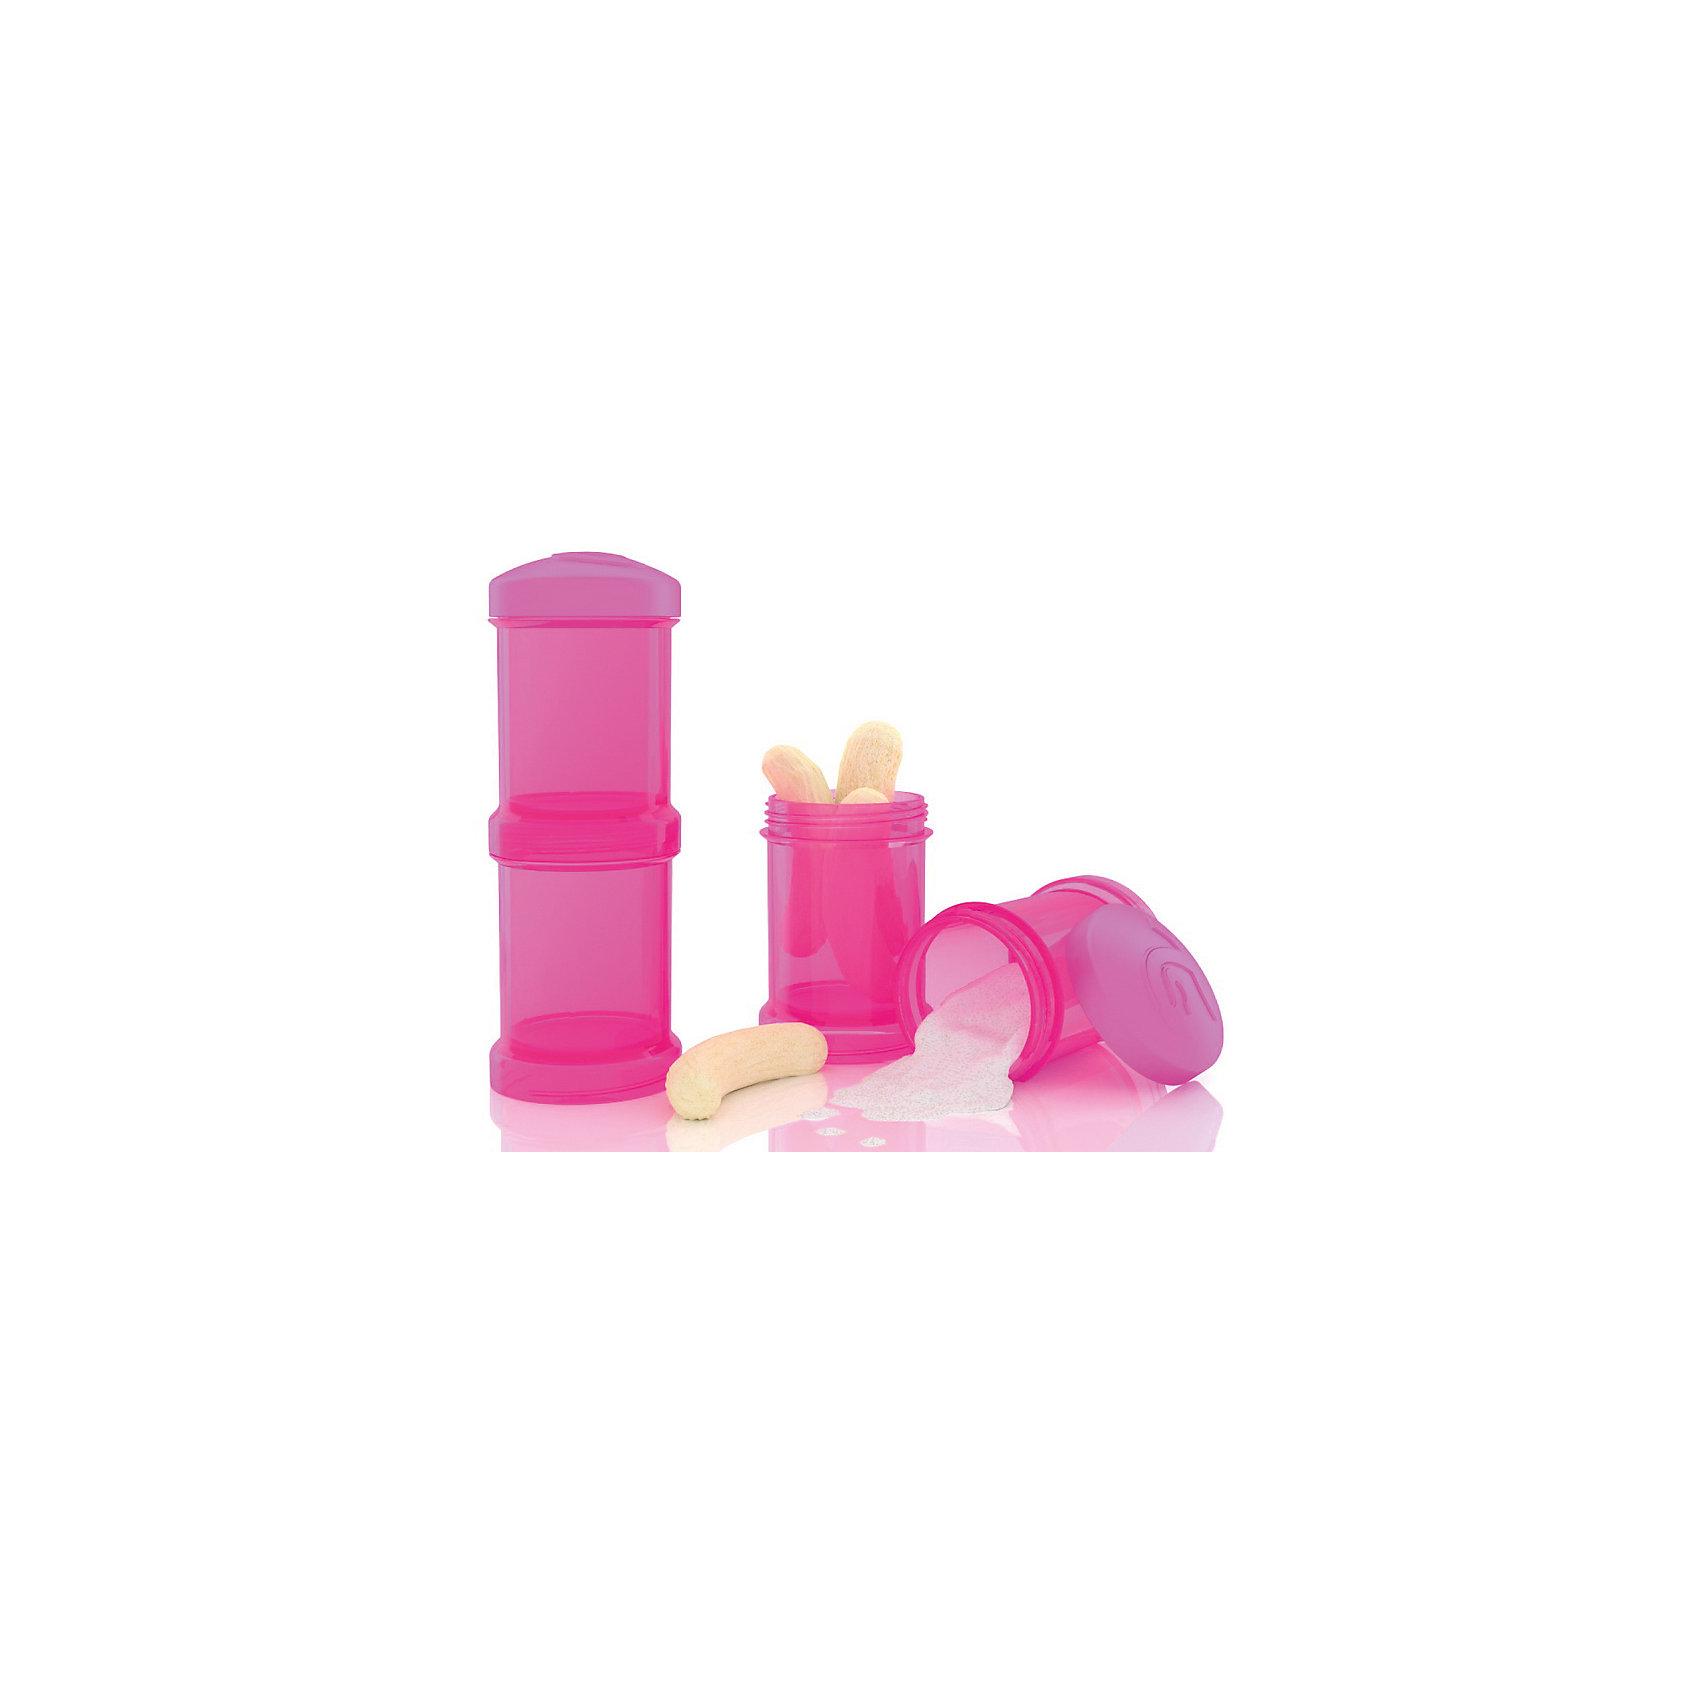 Контейнер для сухой смеси 100 мл. 2 шт., TwistShake, розовыйКонтейнер для сухой смеси 100 мл. 2 шт., розовый от шведского бренда Twistshake (Твистшейк), придет по вкусу малышам и современным родителям. Эти контейнеры прекрасно подходят для хранения детской смеси и оптимальны в использовании, их горлышко меньше горлышка любых бутылочек Twistshake (Твистшейк), потому позволяют пересыпать смесь без просыпания. Контейнеры также подходят для хранения каш, фруктов, сухофруктов, печенья или других необходимых на прогулке или в дороге продуктов. Материал контейнеров не содержит бисфенол А. Удобная форма горлышка обеспечивает доступ к полной промывки контейнера, можно стерилизовать как холодным, так и горячим методами. <br><br>Дополнительная информация:<br><br>- В комплект входит: два контейнера по 100 мл. <br>- Состав: 100% пропиллен<br><br>Контейнер для сухой смеси 100 мл. 2 шт., TwistShake, розовый можно купить в нашем интернет-магазине.<br>Подробнее:<br>• Для детей в возрасте: от 0 лет <br>• Номер товара: 4976056<br>Страна производитель: Китай<br><br>Ширина мм: 55<br>Глубина мм: 55<br>Высота мм: 150<br>Вес г: 75<br>Возраст от месяцев: 0<br>Возраст до месяцев: 36<br>Пол: Унисекс<br>Возраст: Детский<br>SKU: 4976056